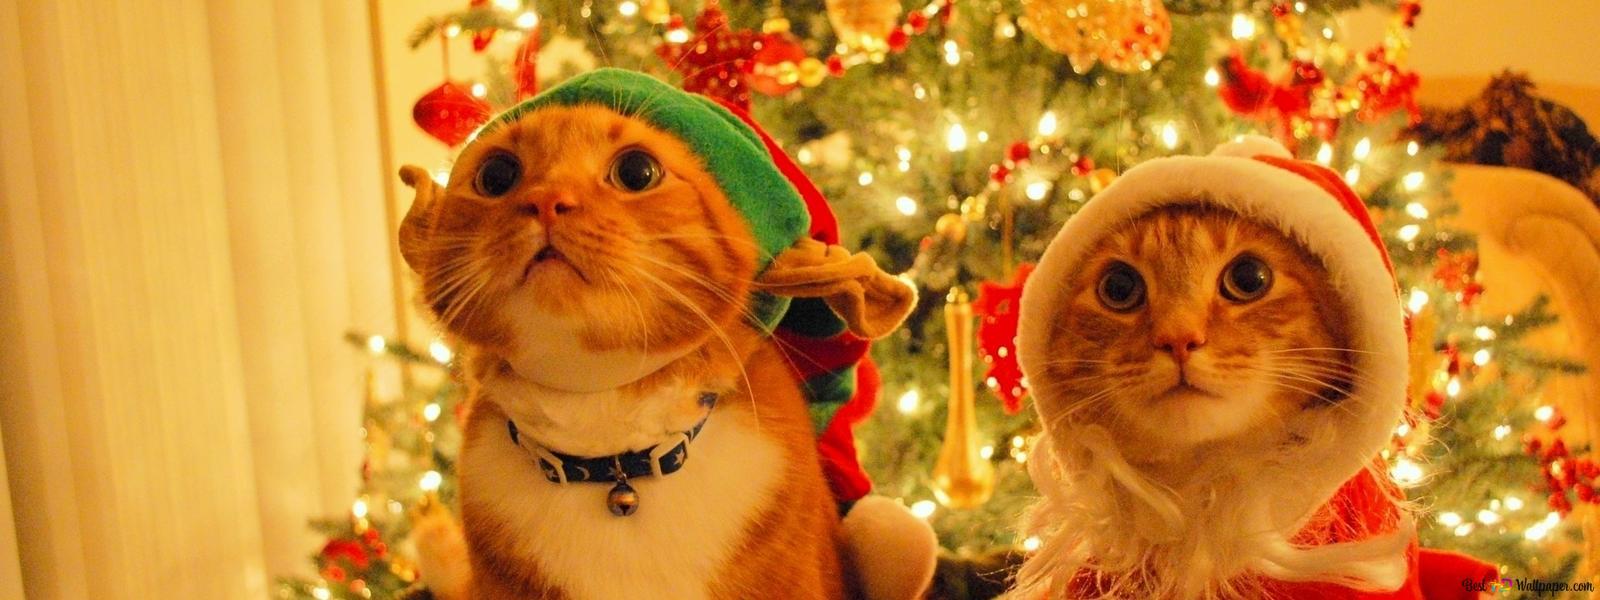 クリスマス休暇でかわいい猫 Hd壁紙のダウンロード